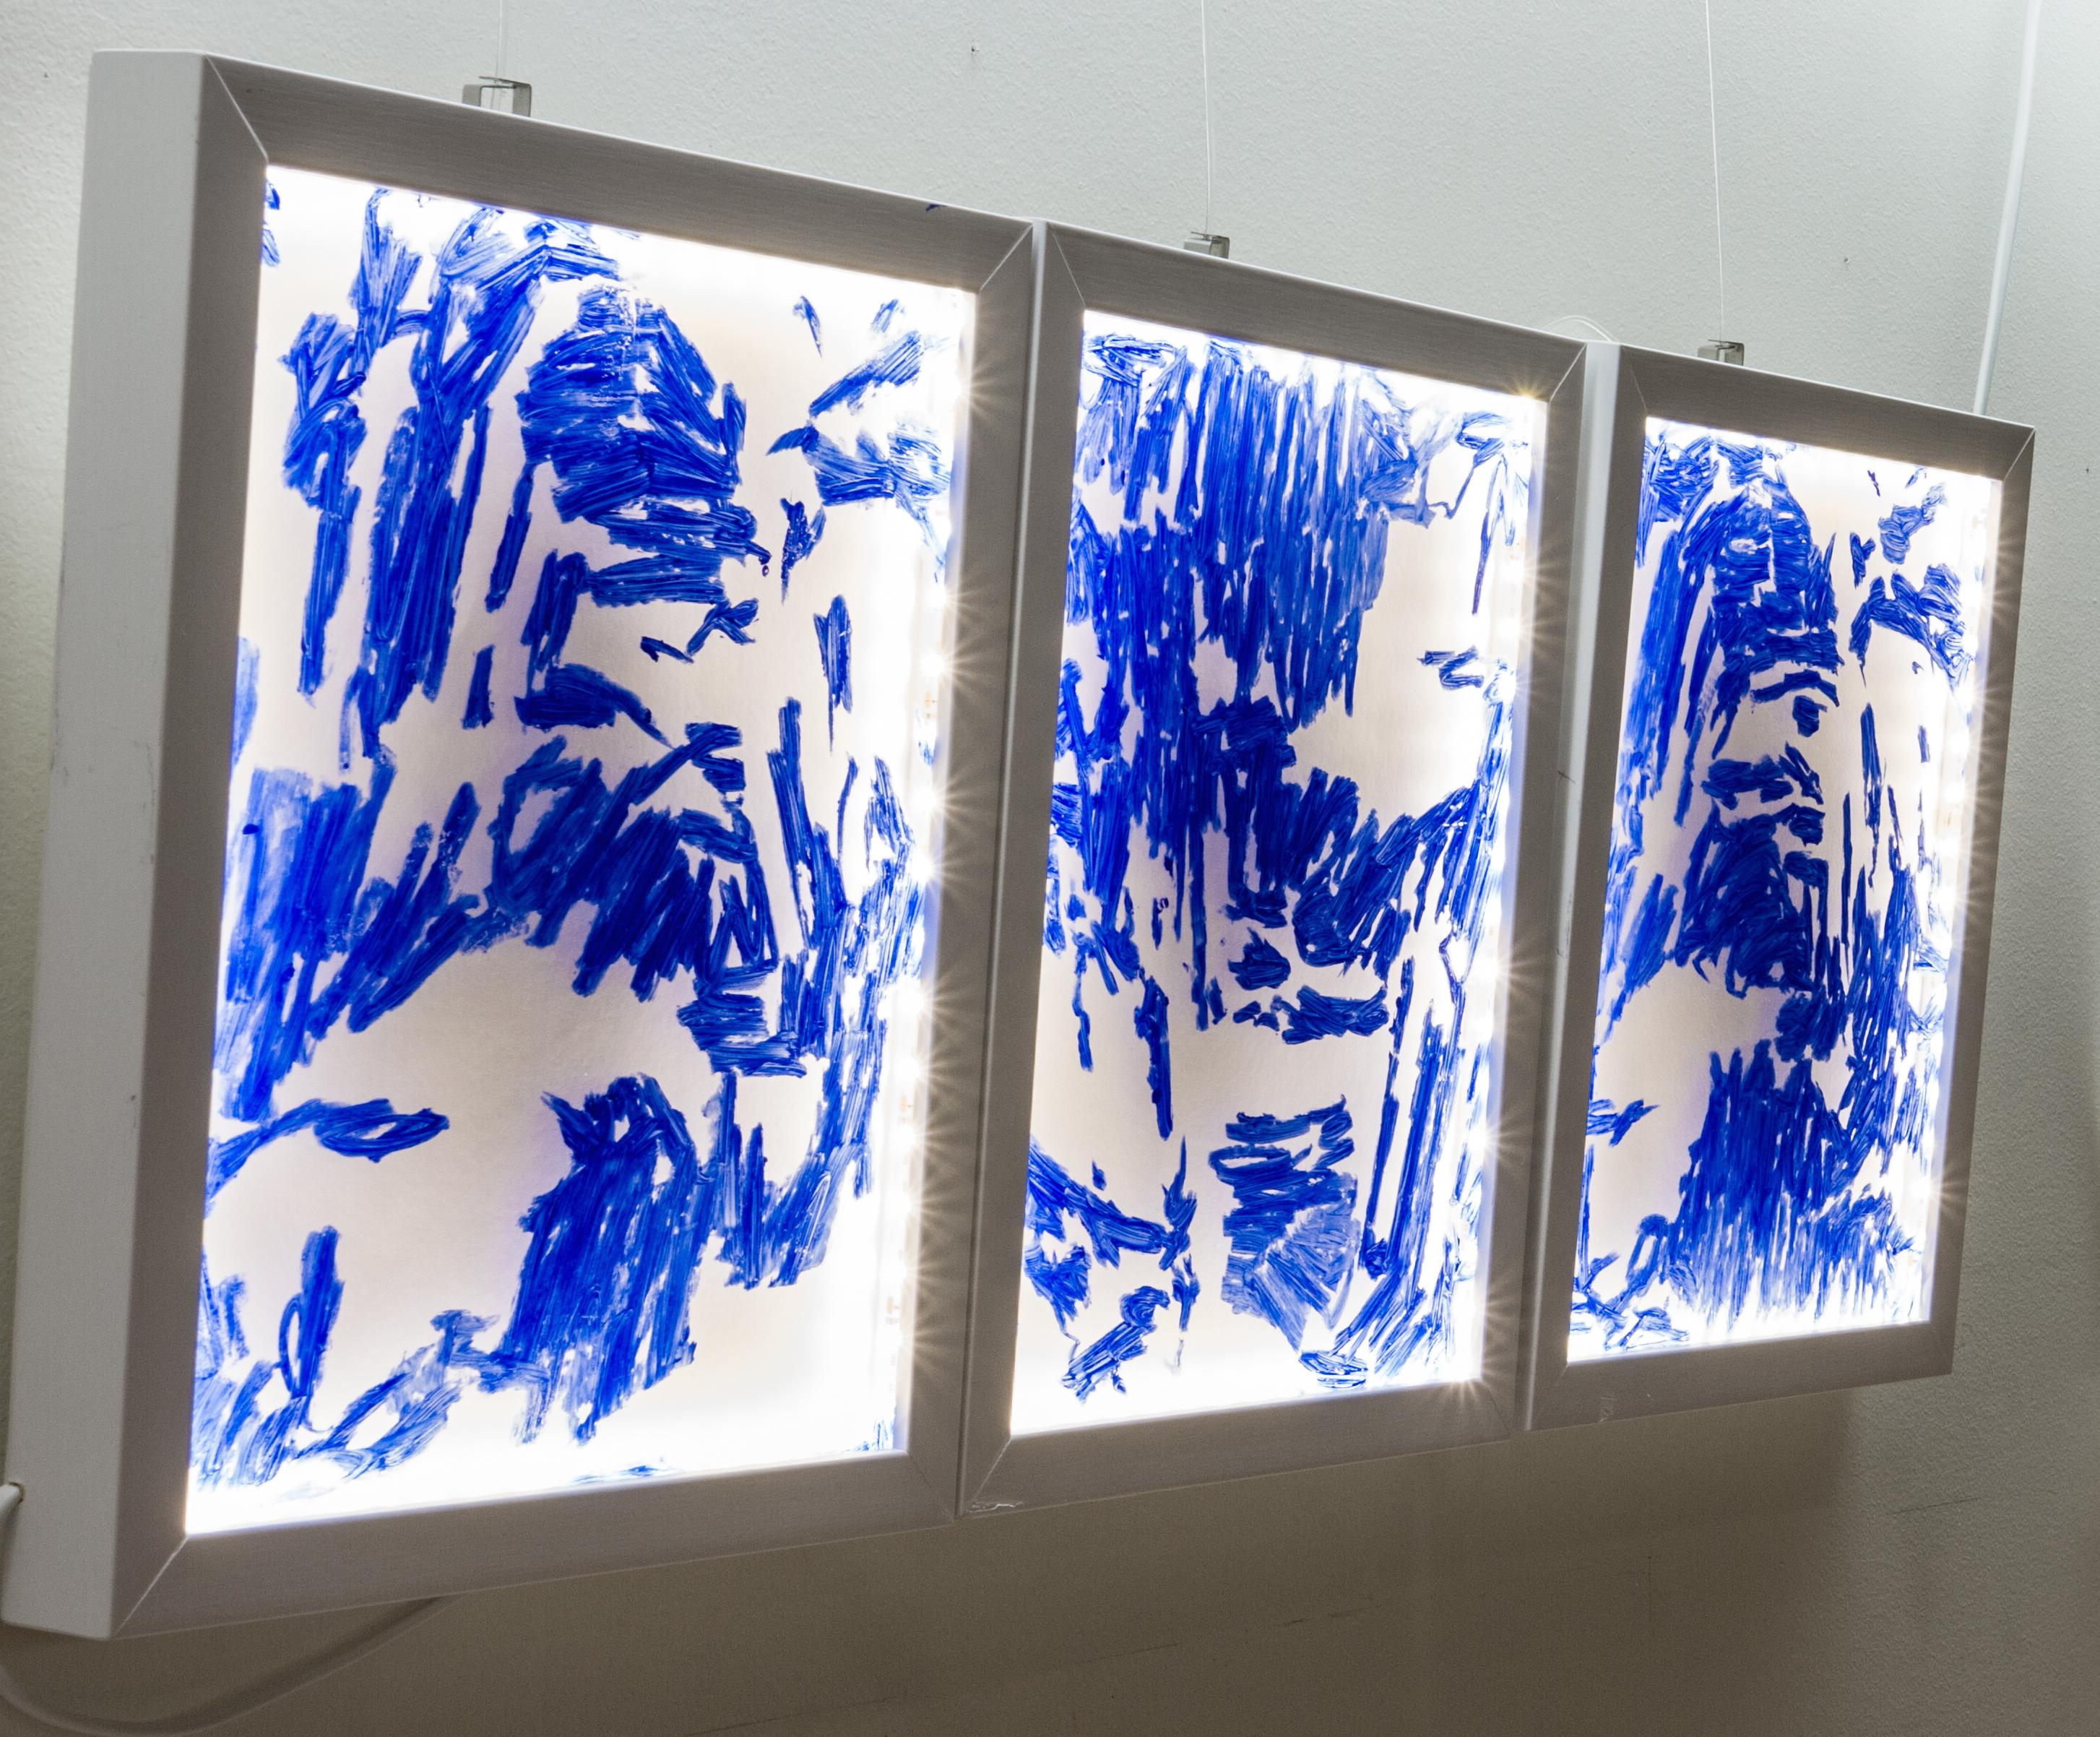 Delft Blue 203 #1  -2016